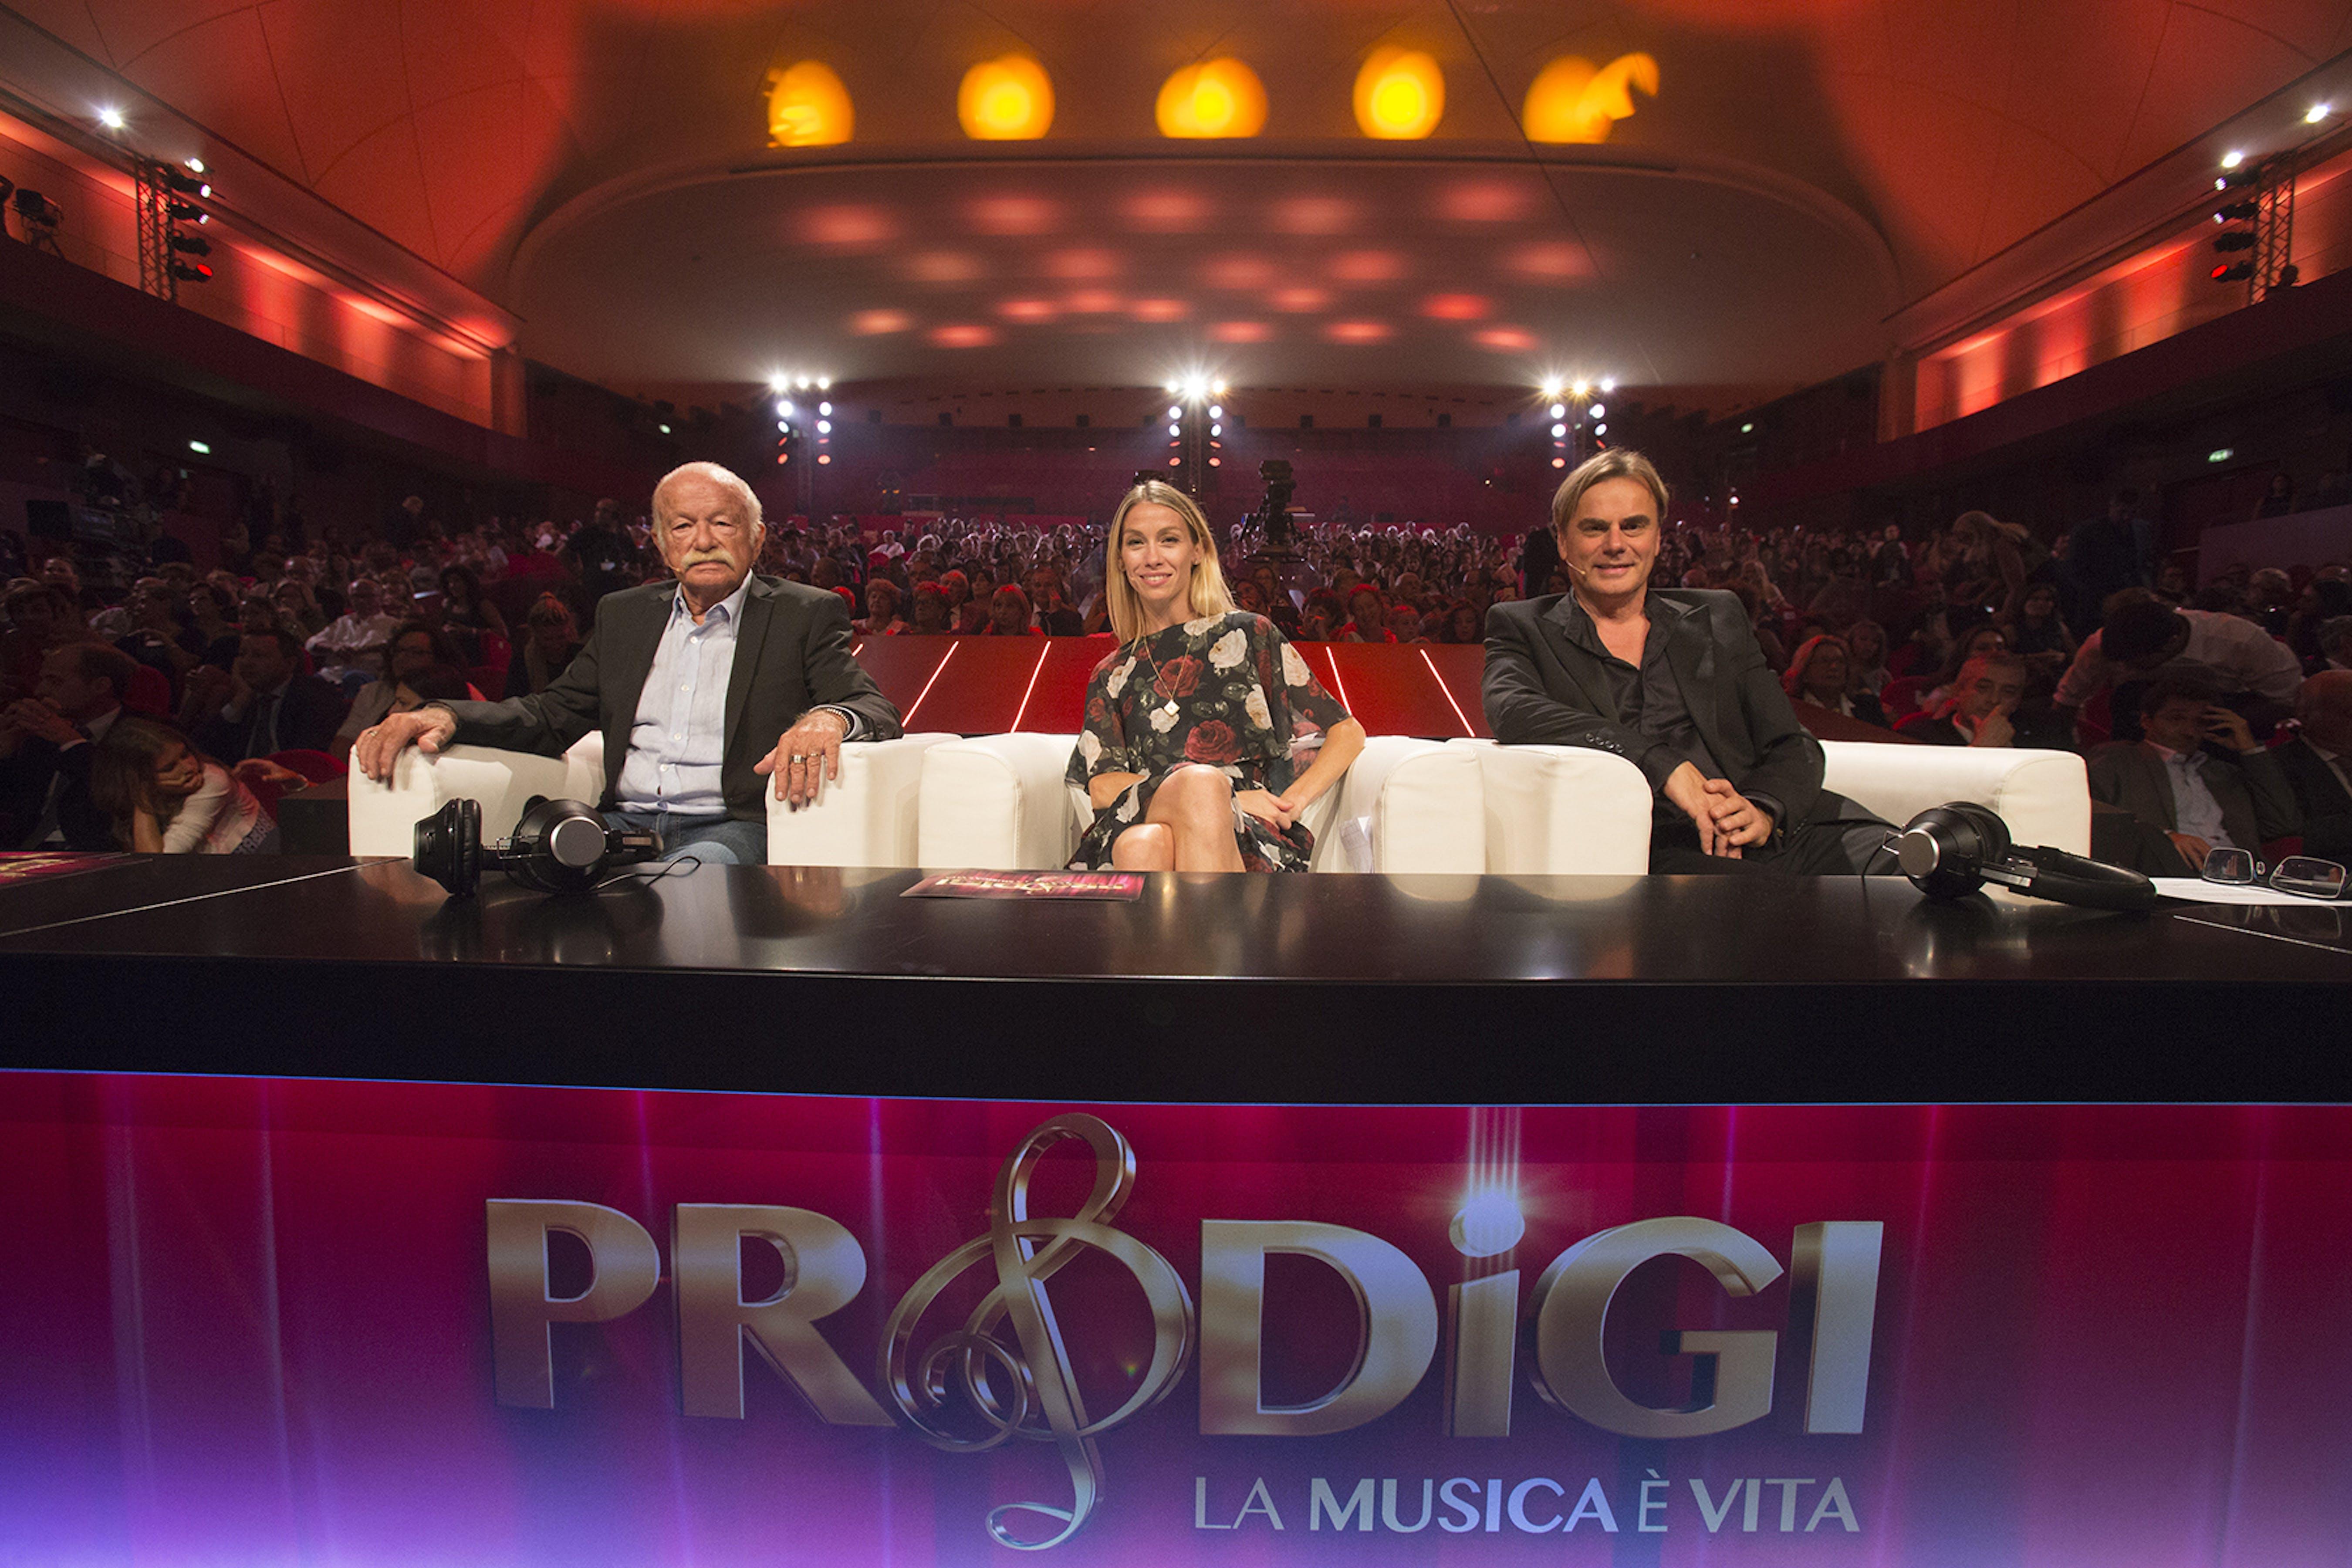 """Gino Paoli, Eleonora Abbagnato e Andrea Griminelli: giurati della prima edizione di """"Prodigi. Musica è vita"""""""